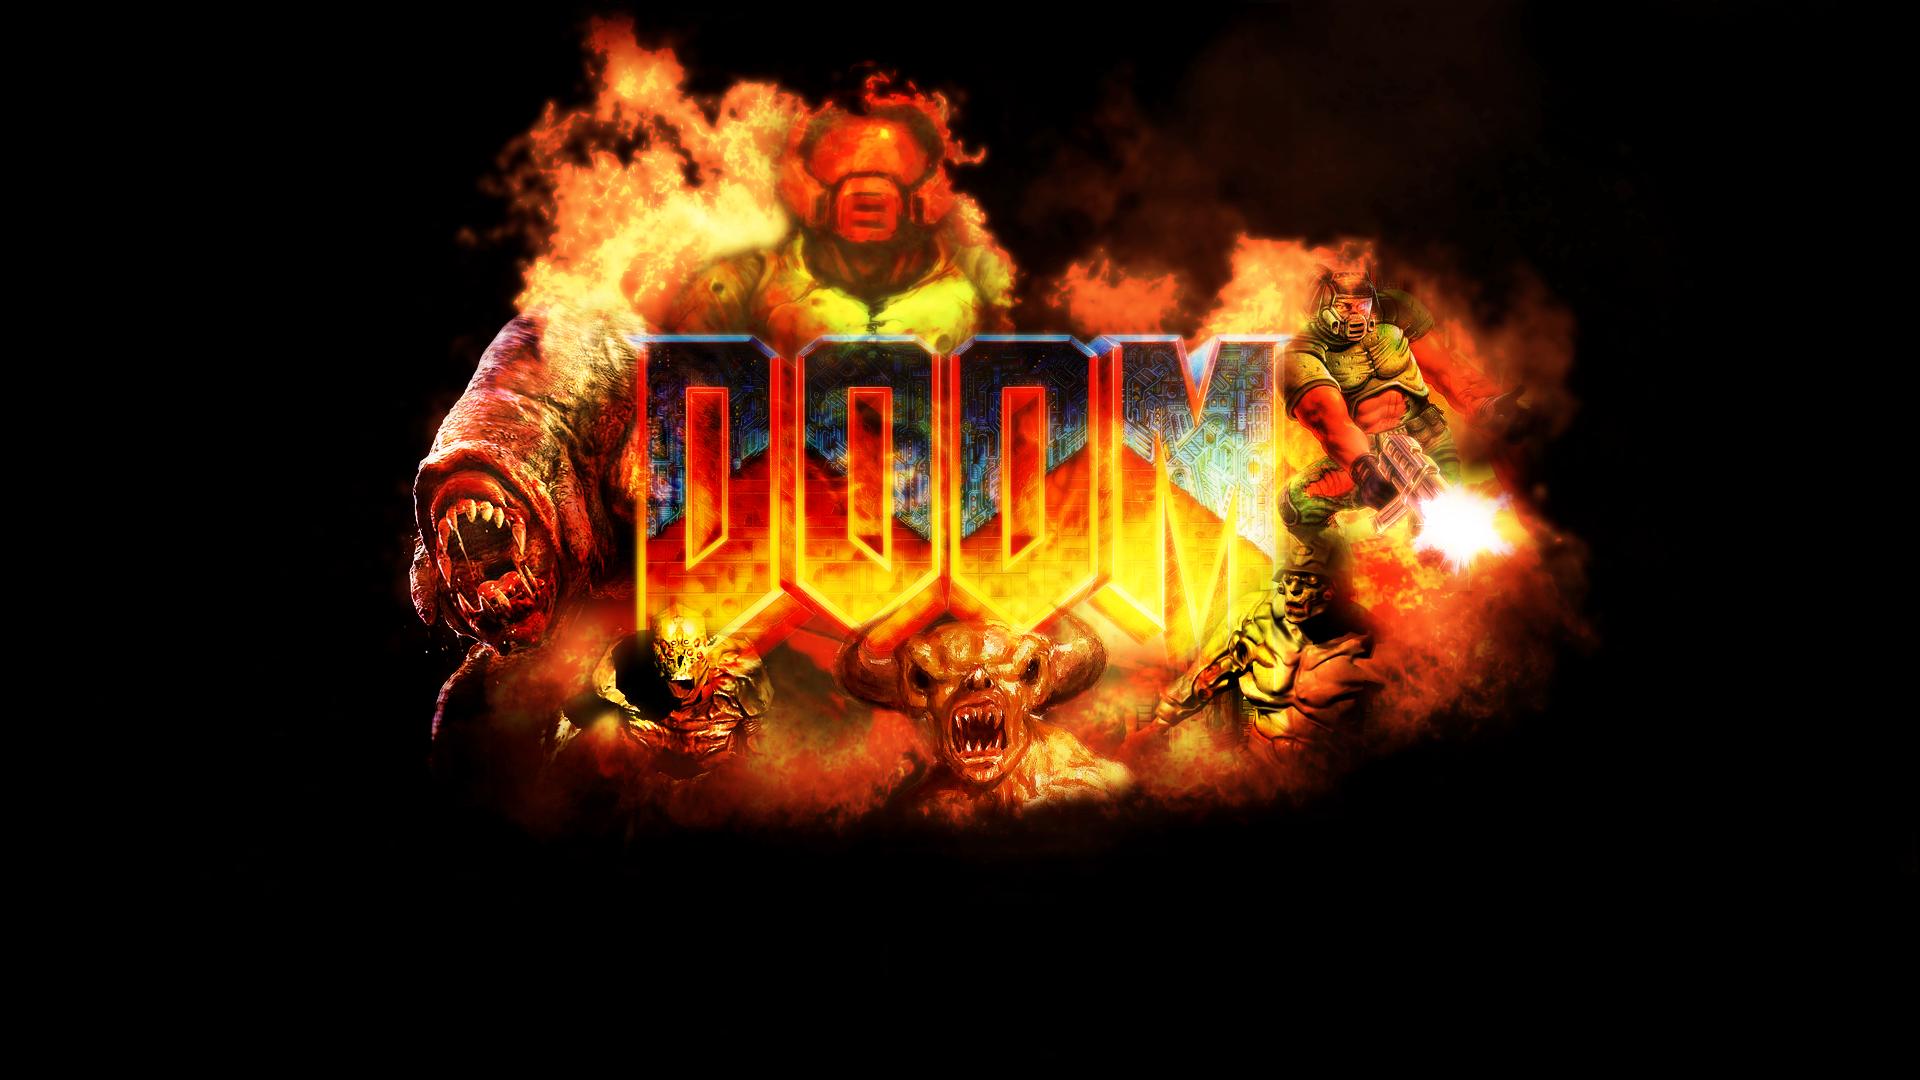 Doom Computer Wallpapers Desktop Backgrounds 1920x1080 ID400704 1920x1080